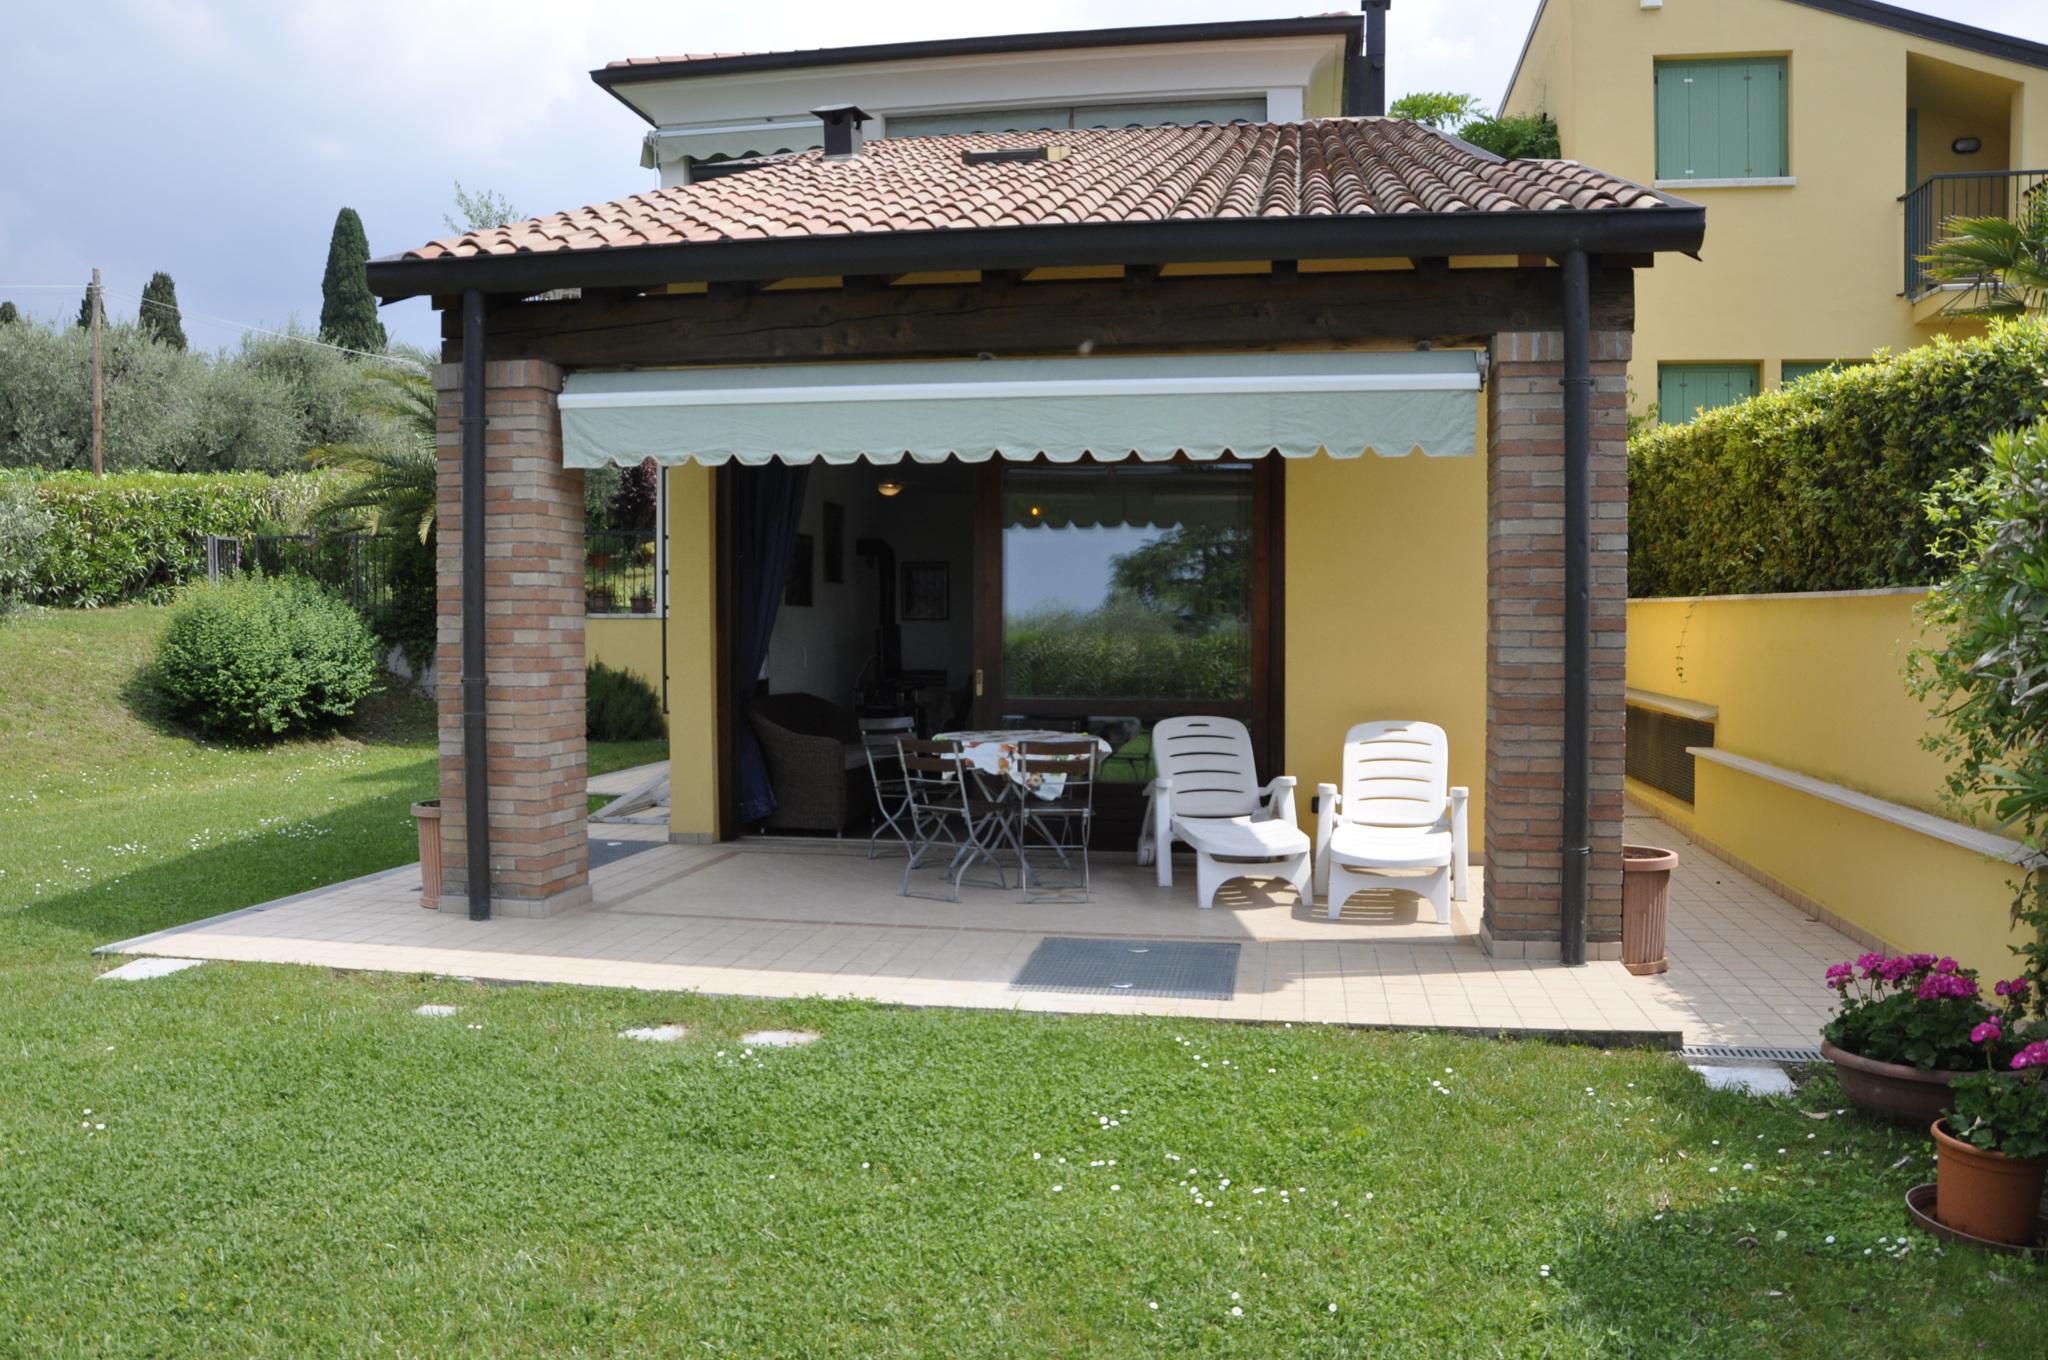 Ferienwohnung con terrazza (488452), Lazise, Gardasee, Venetien, Italien, Bild 5